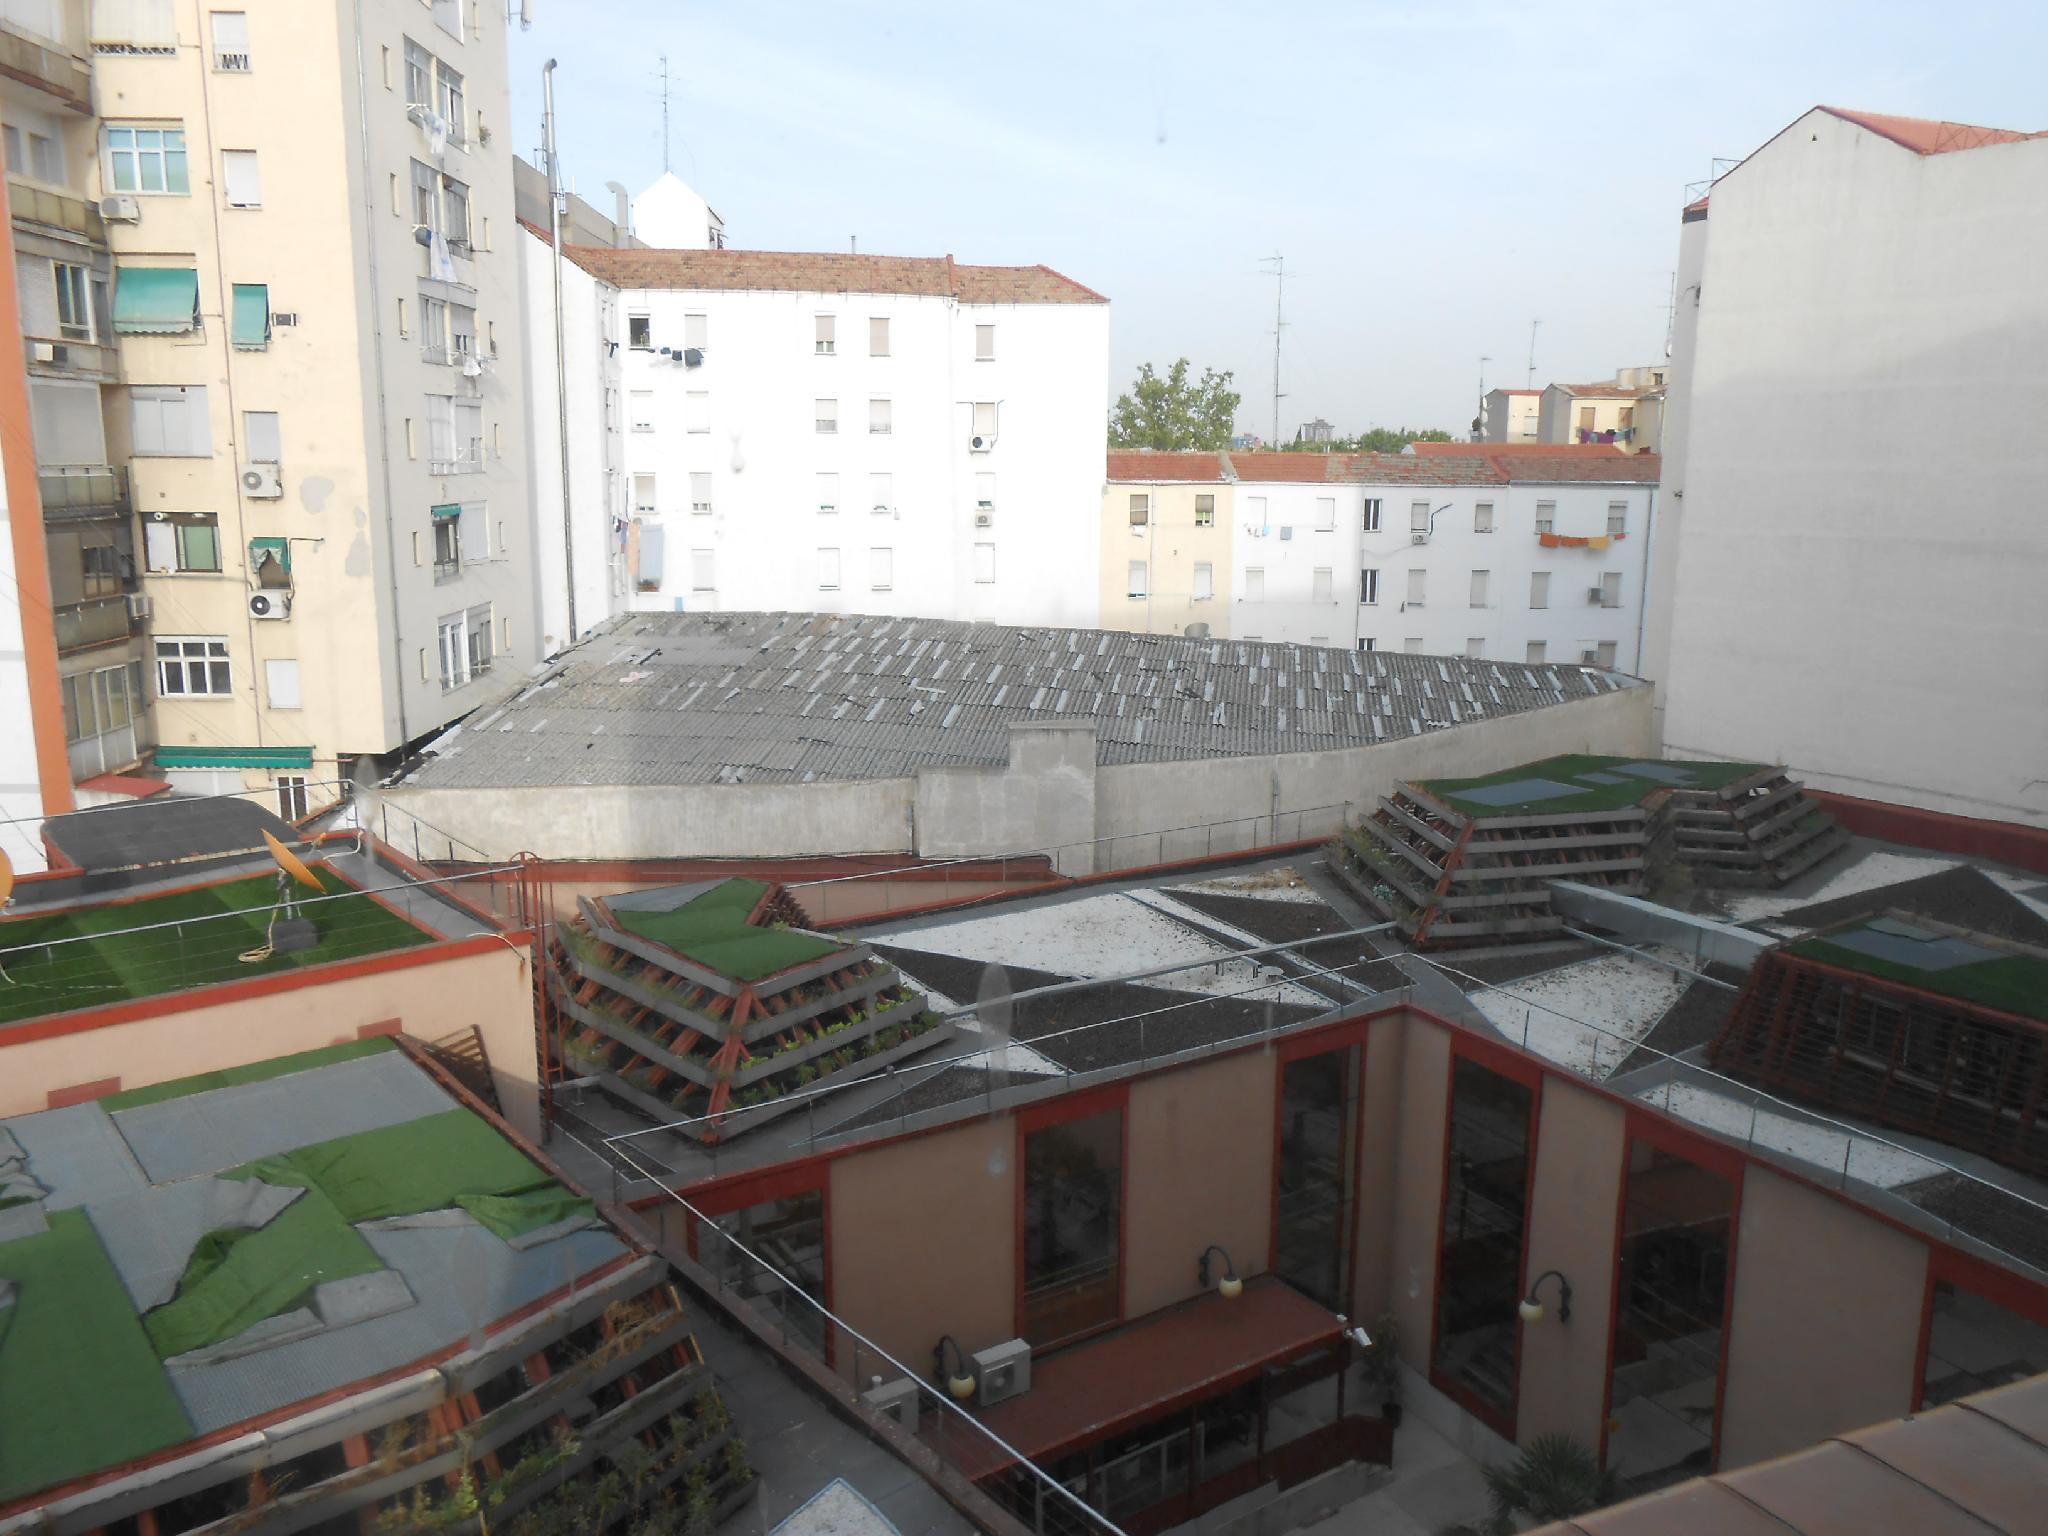 166392 - Calle Santa Engracia